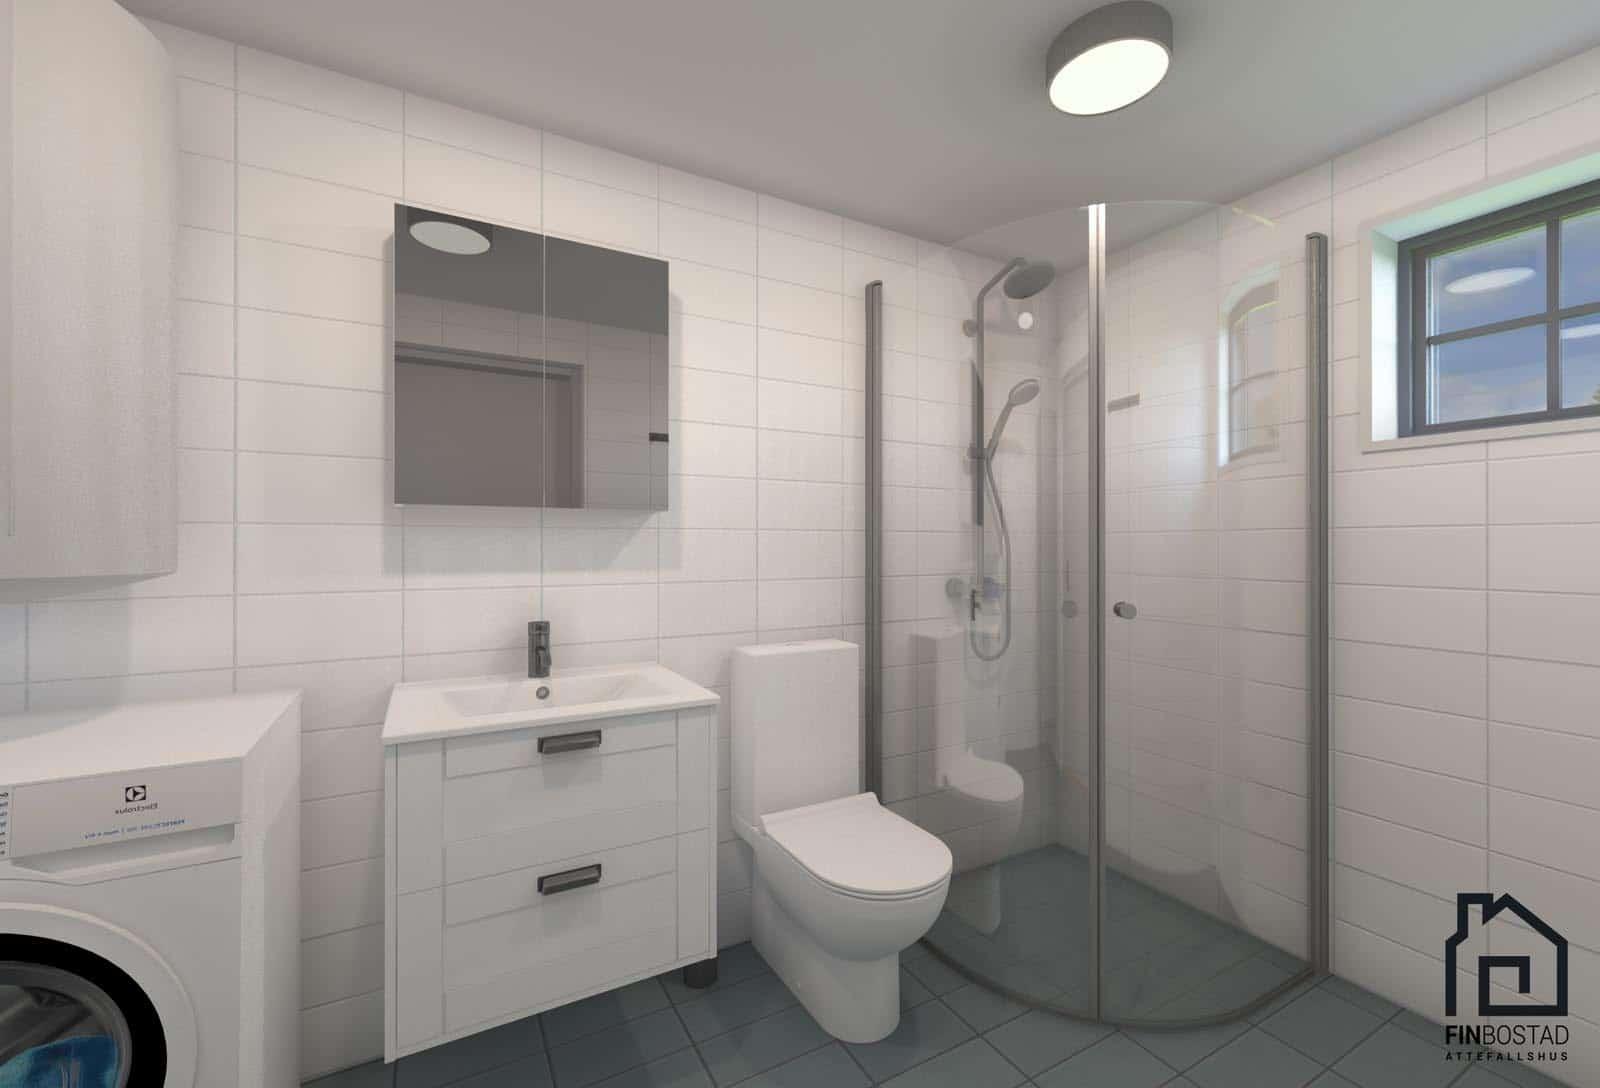 LIDINGo WC